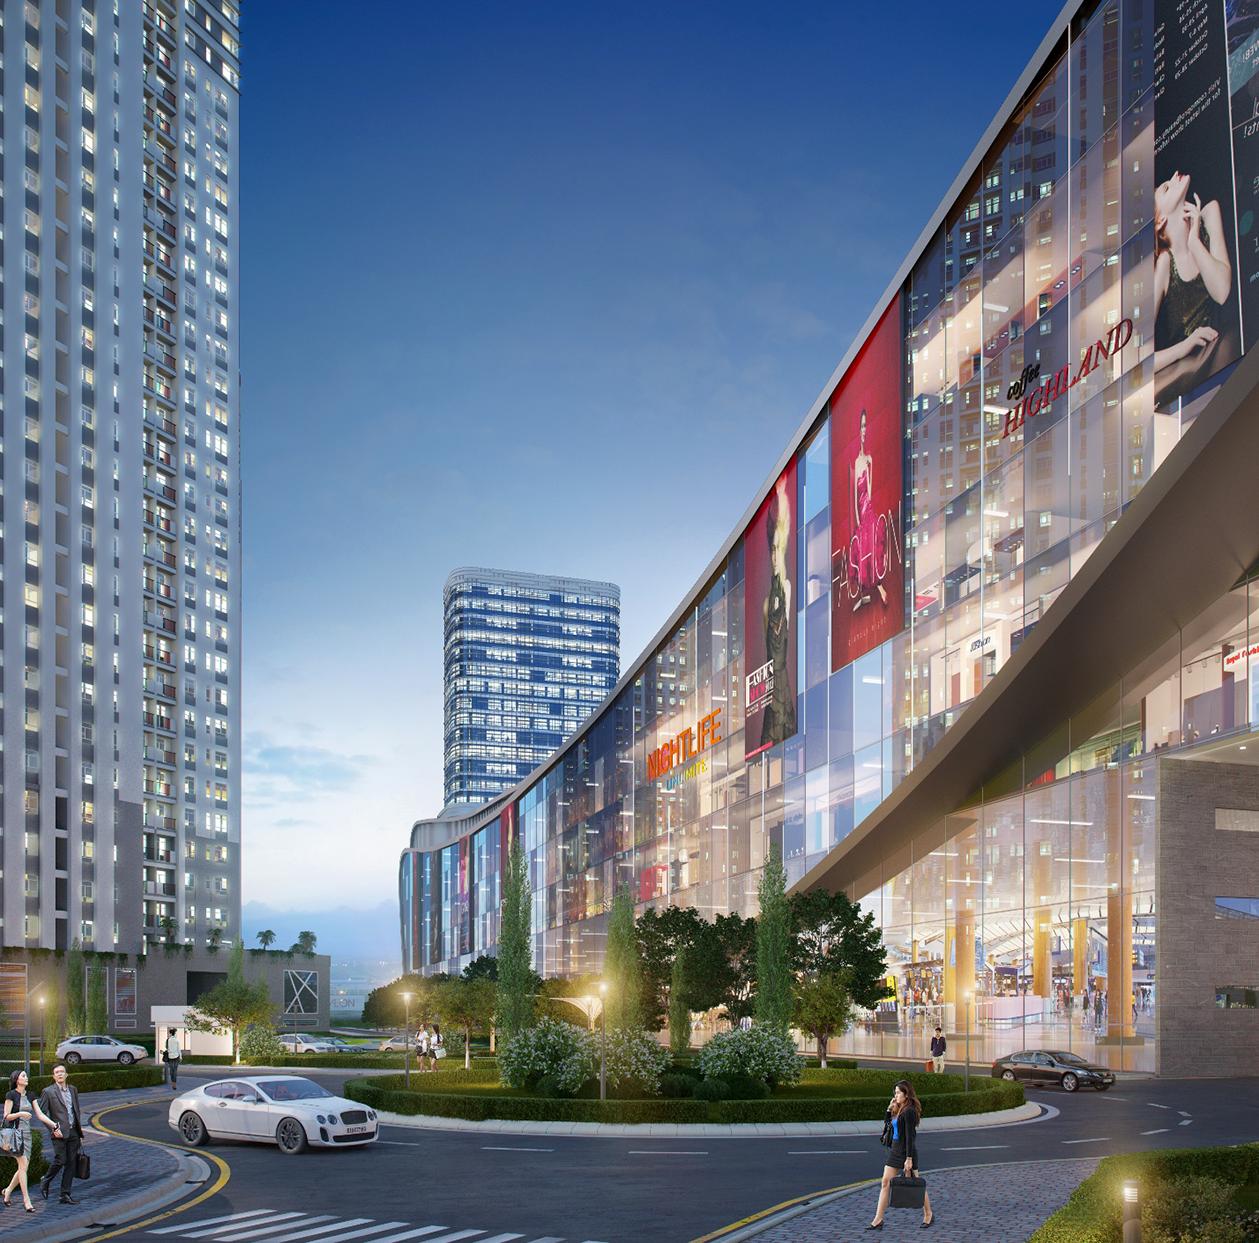 Trung tâm thương mại ở quận 2 - Vincom Mega Mall Thảo Điền